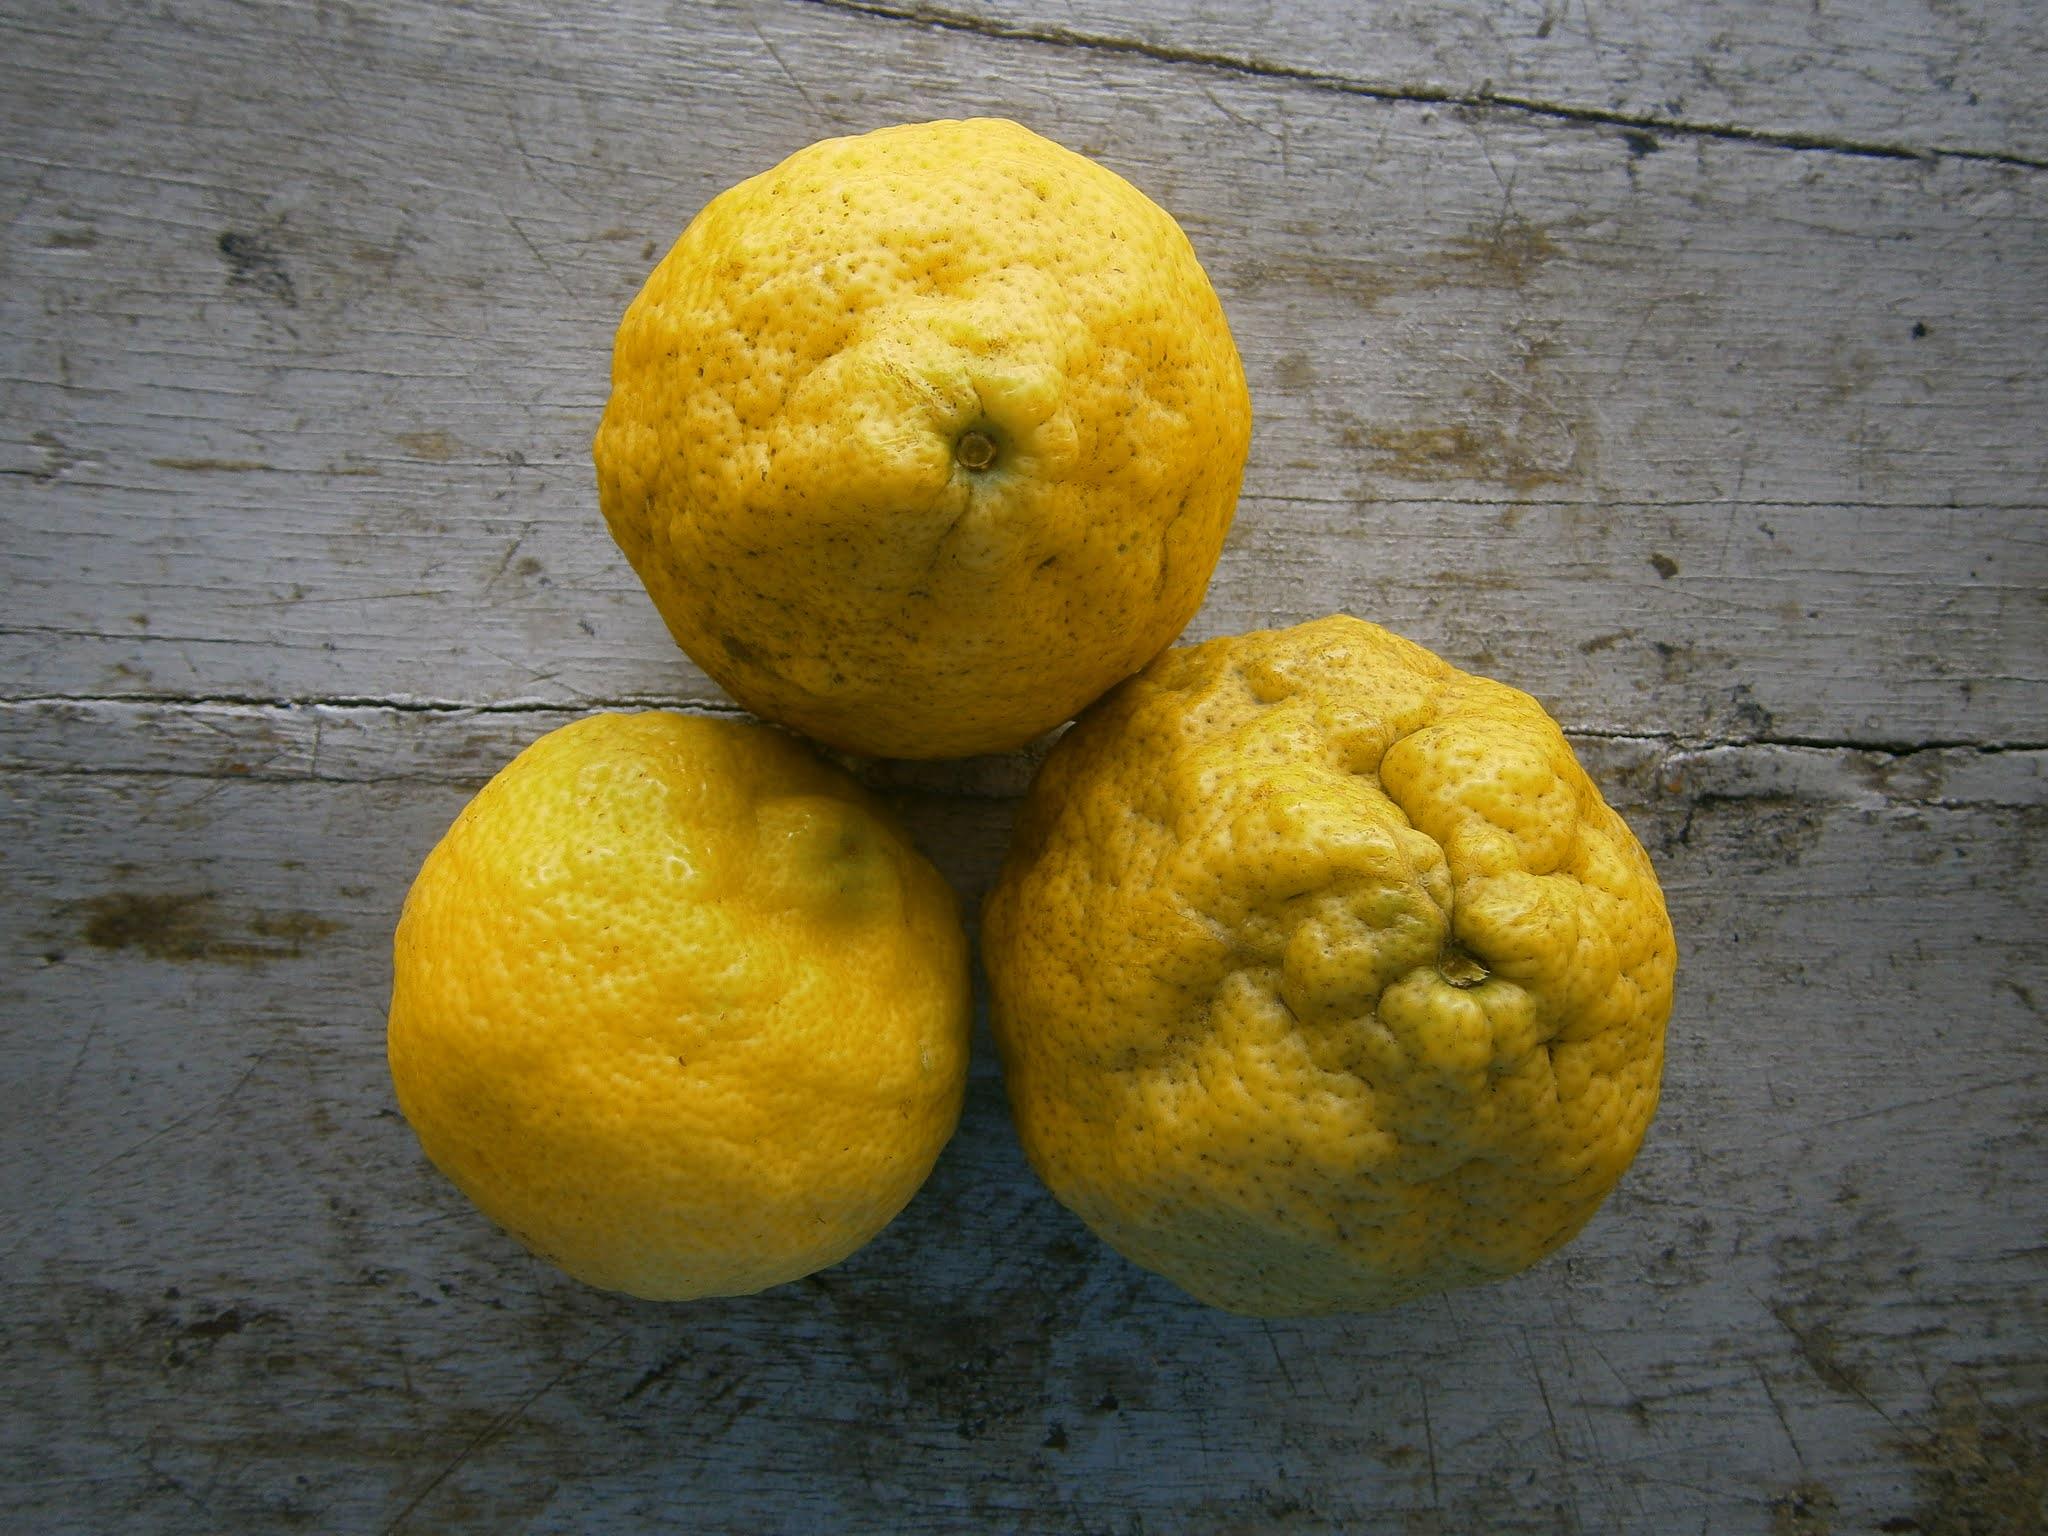 Limones grandes puesto sobre una mesa de color plomo